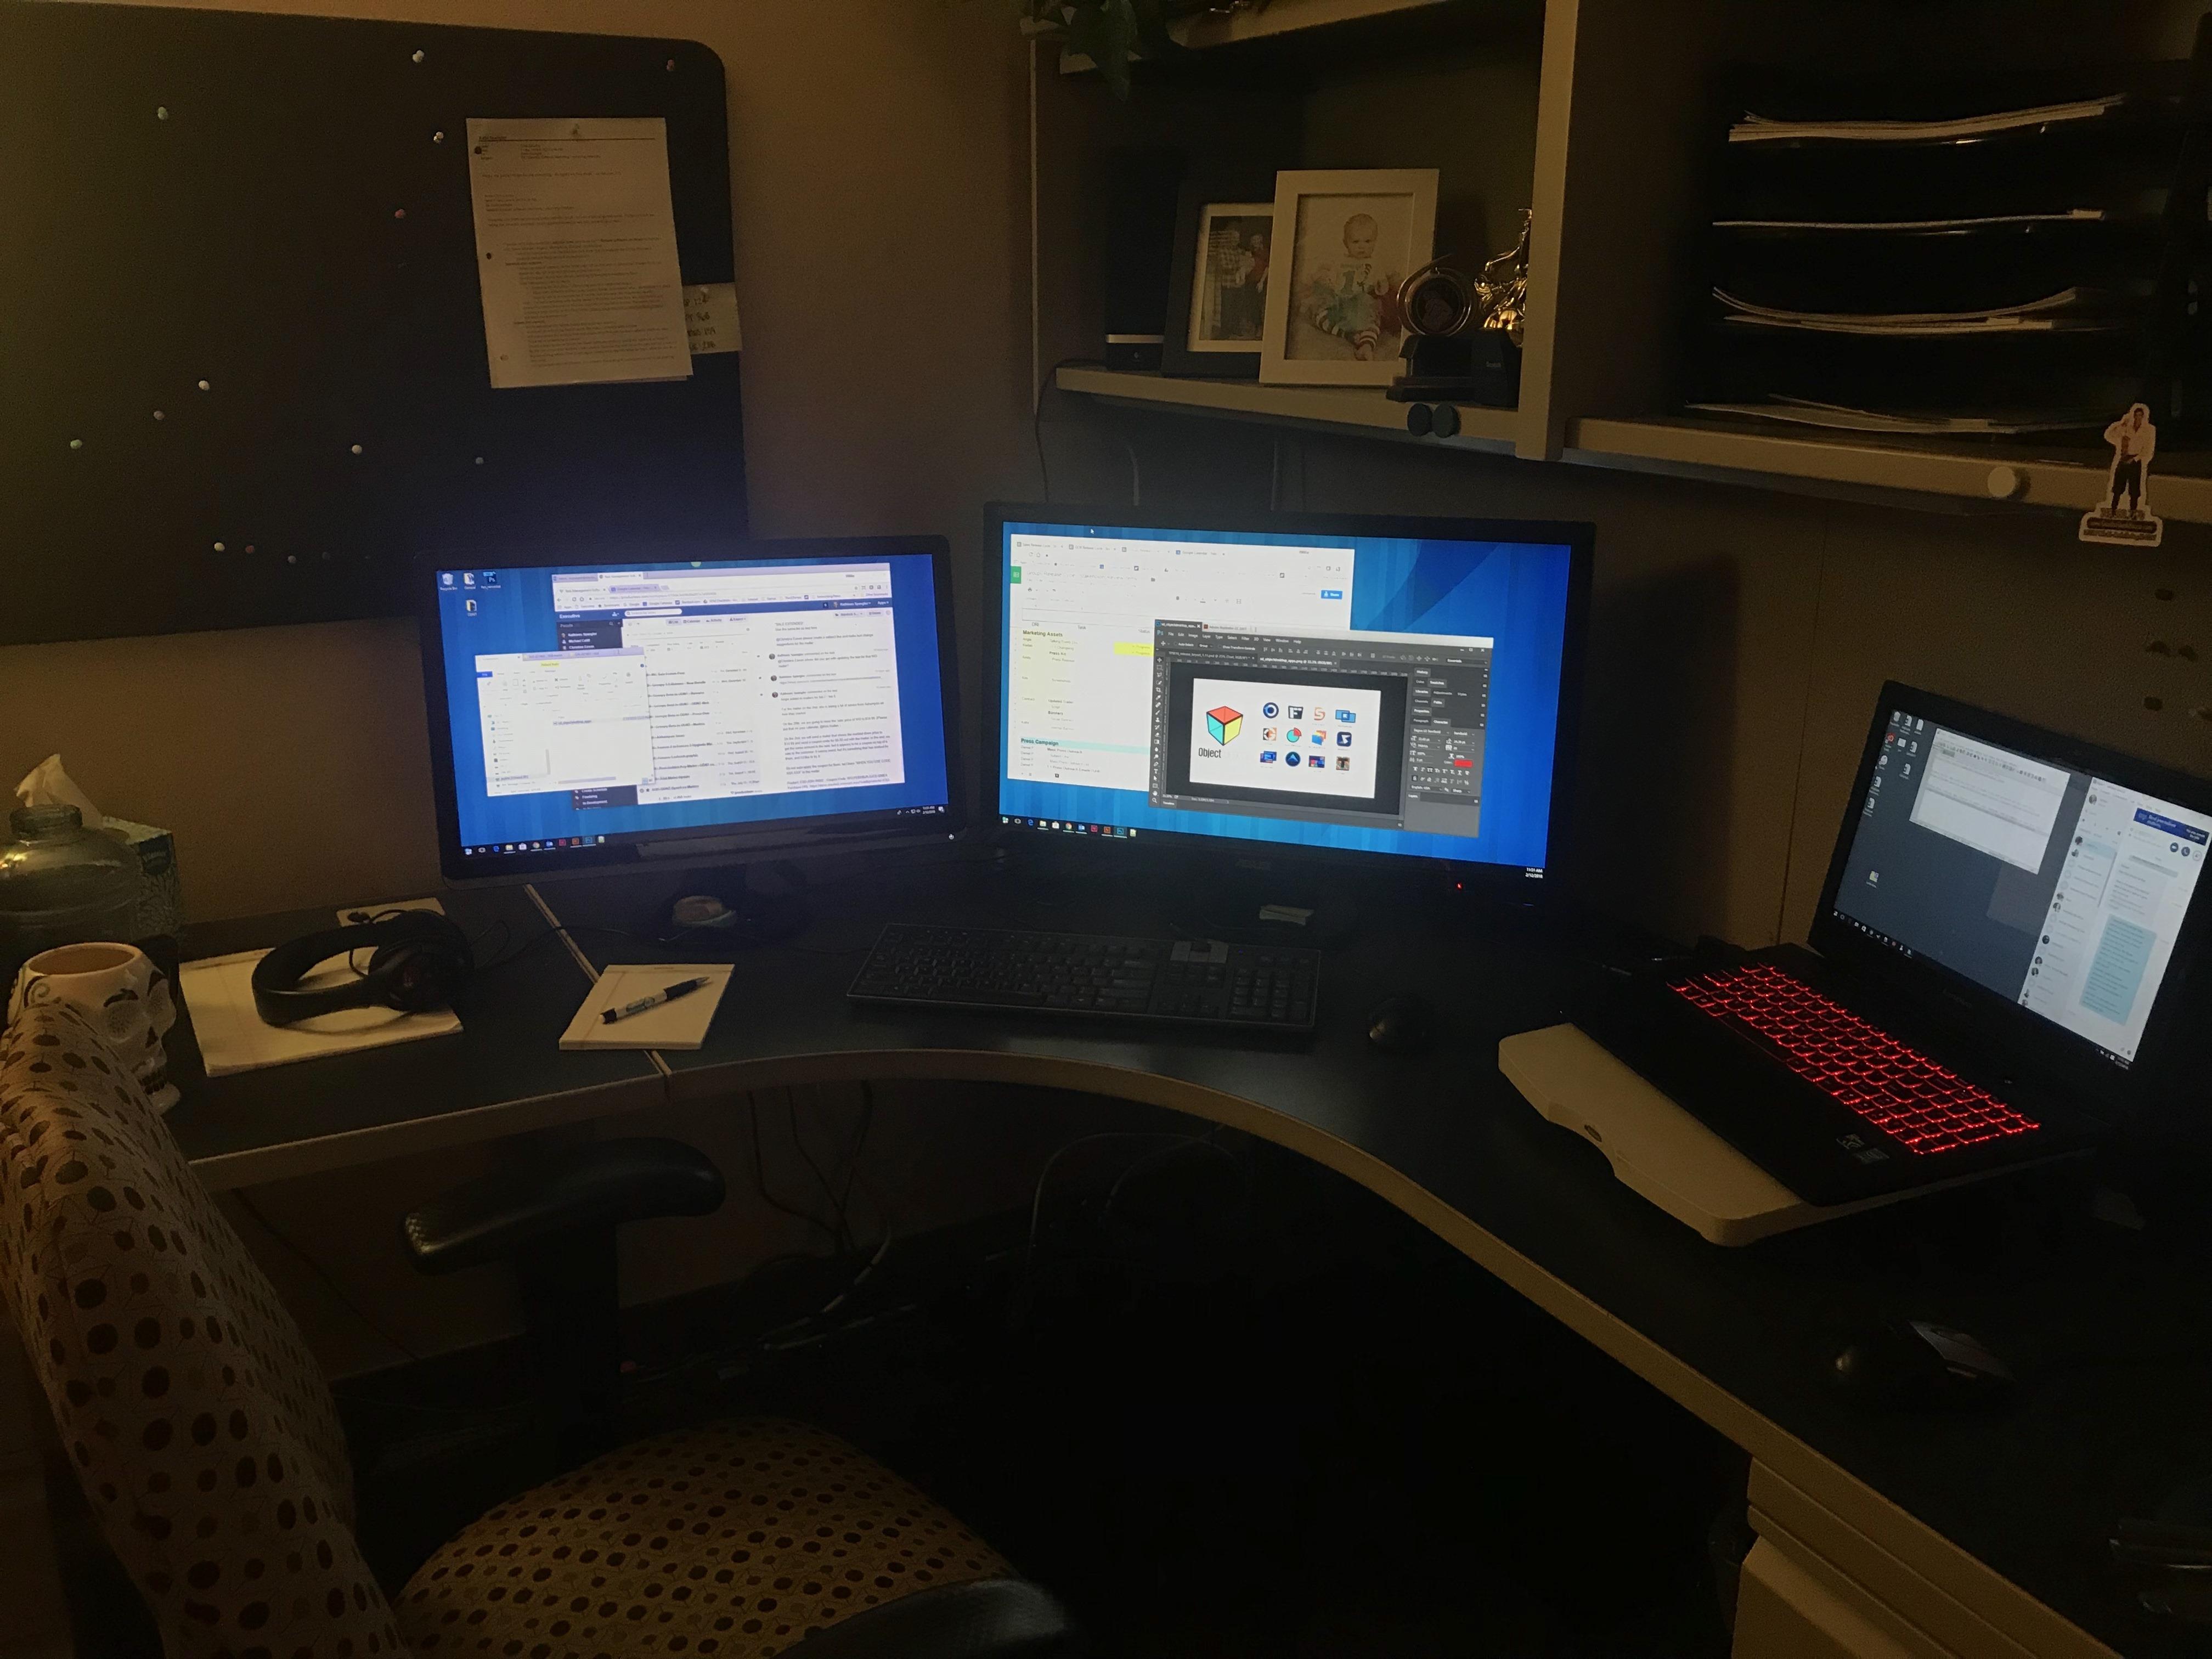 Katie's Desk